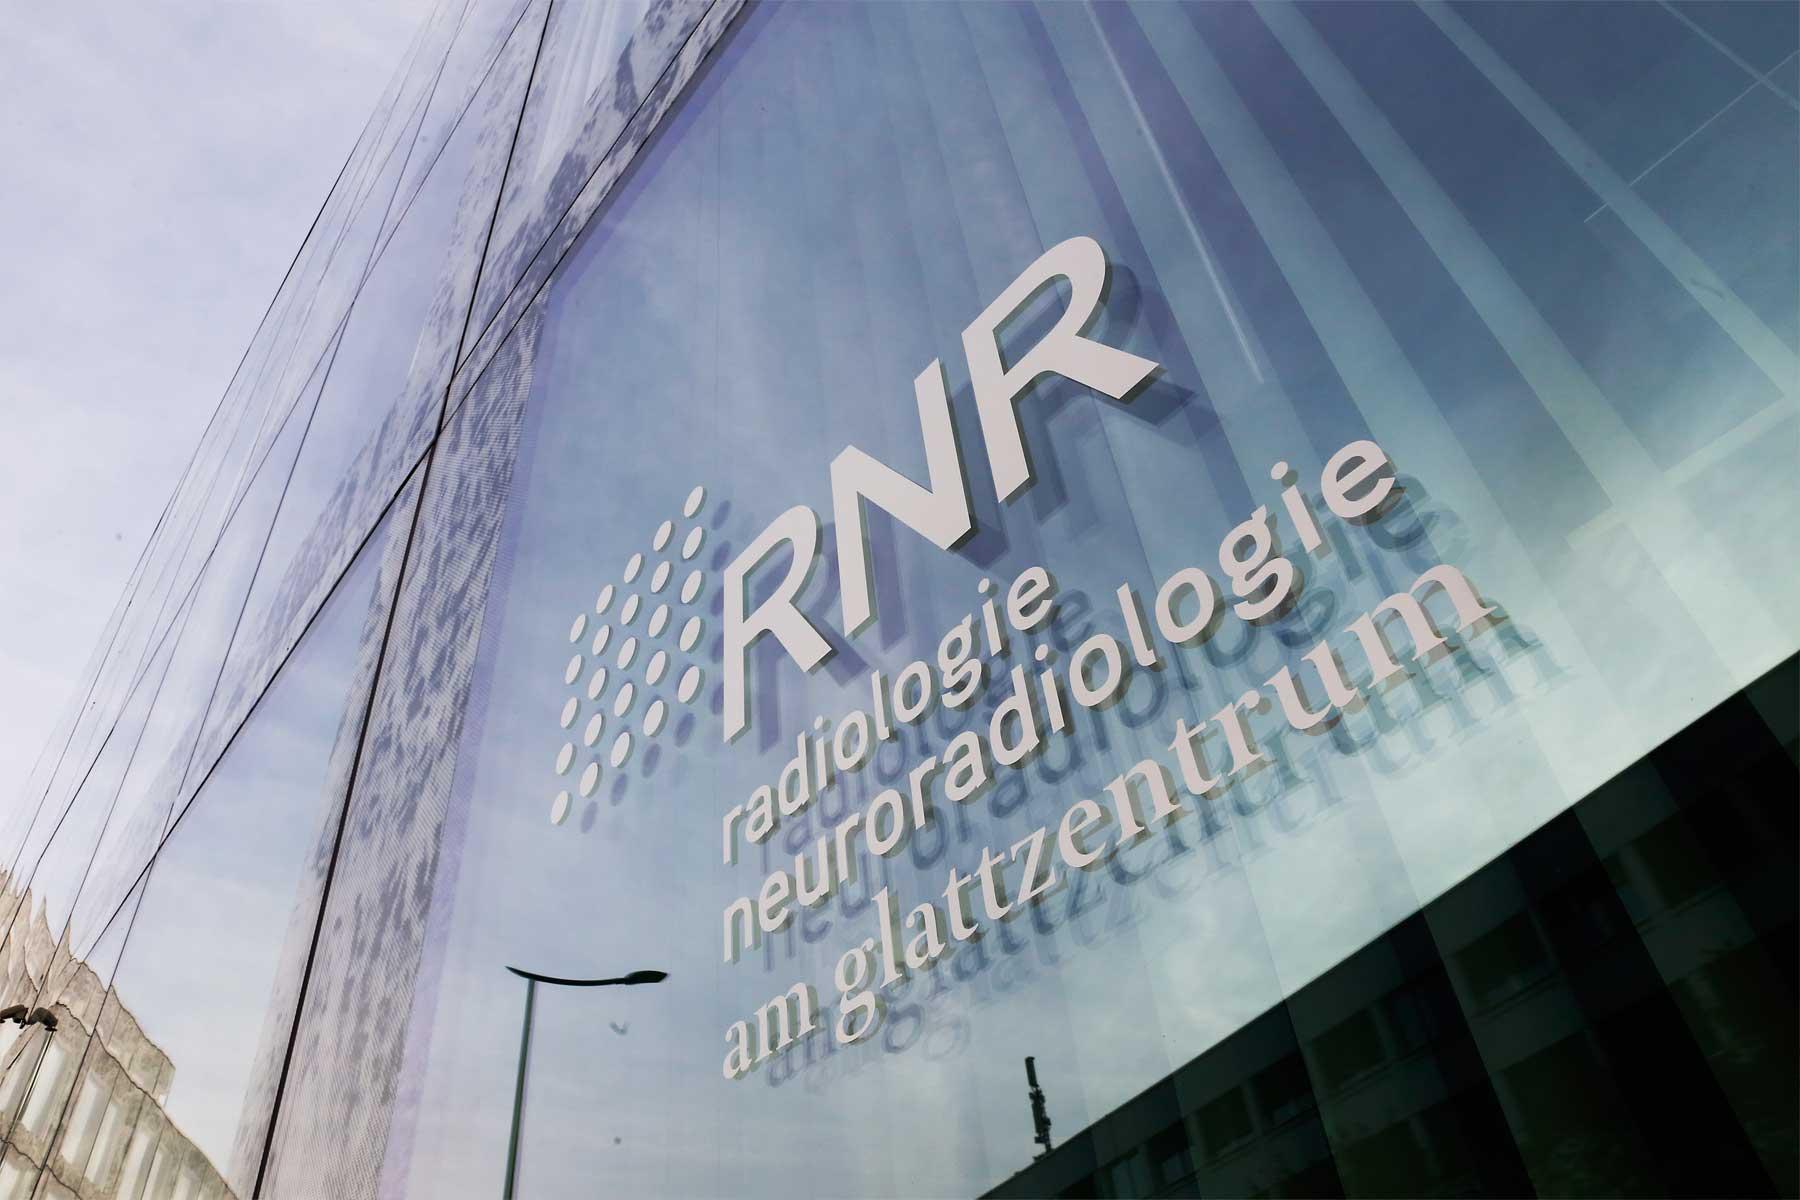 RNR Radiologie und Neuroradiologie am Glattzentrum: Aussenfassade